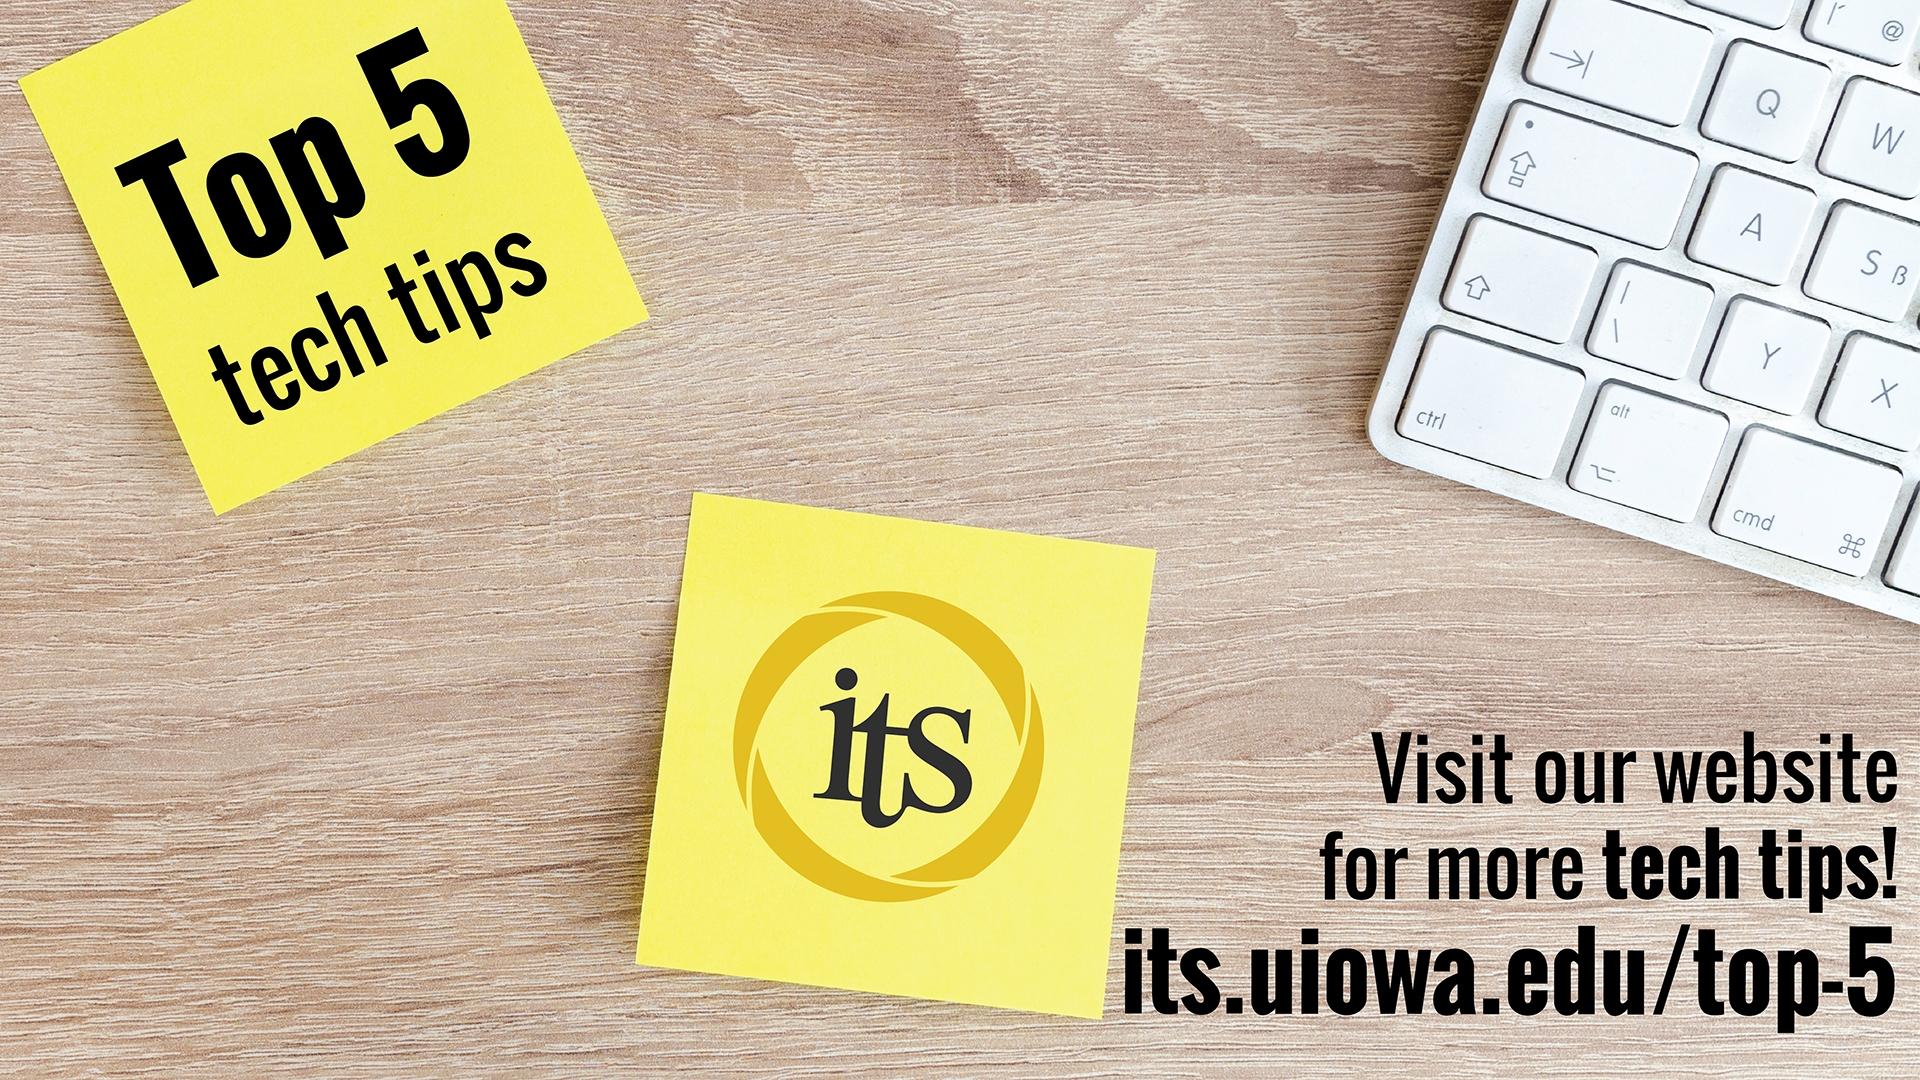 Uiowa Its Help Desk Hours Ayresmarcus